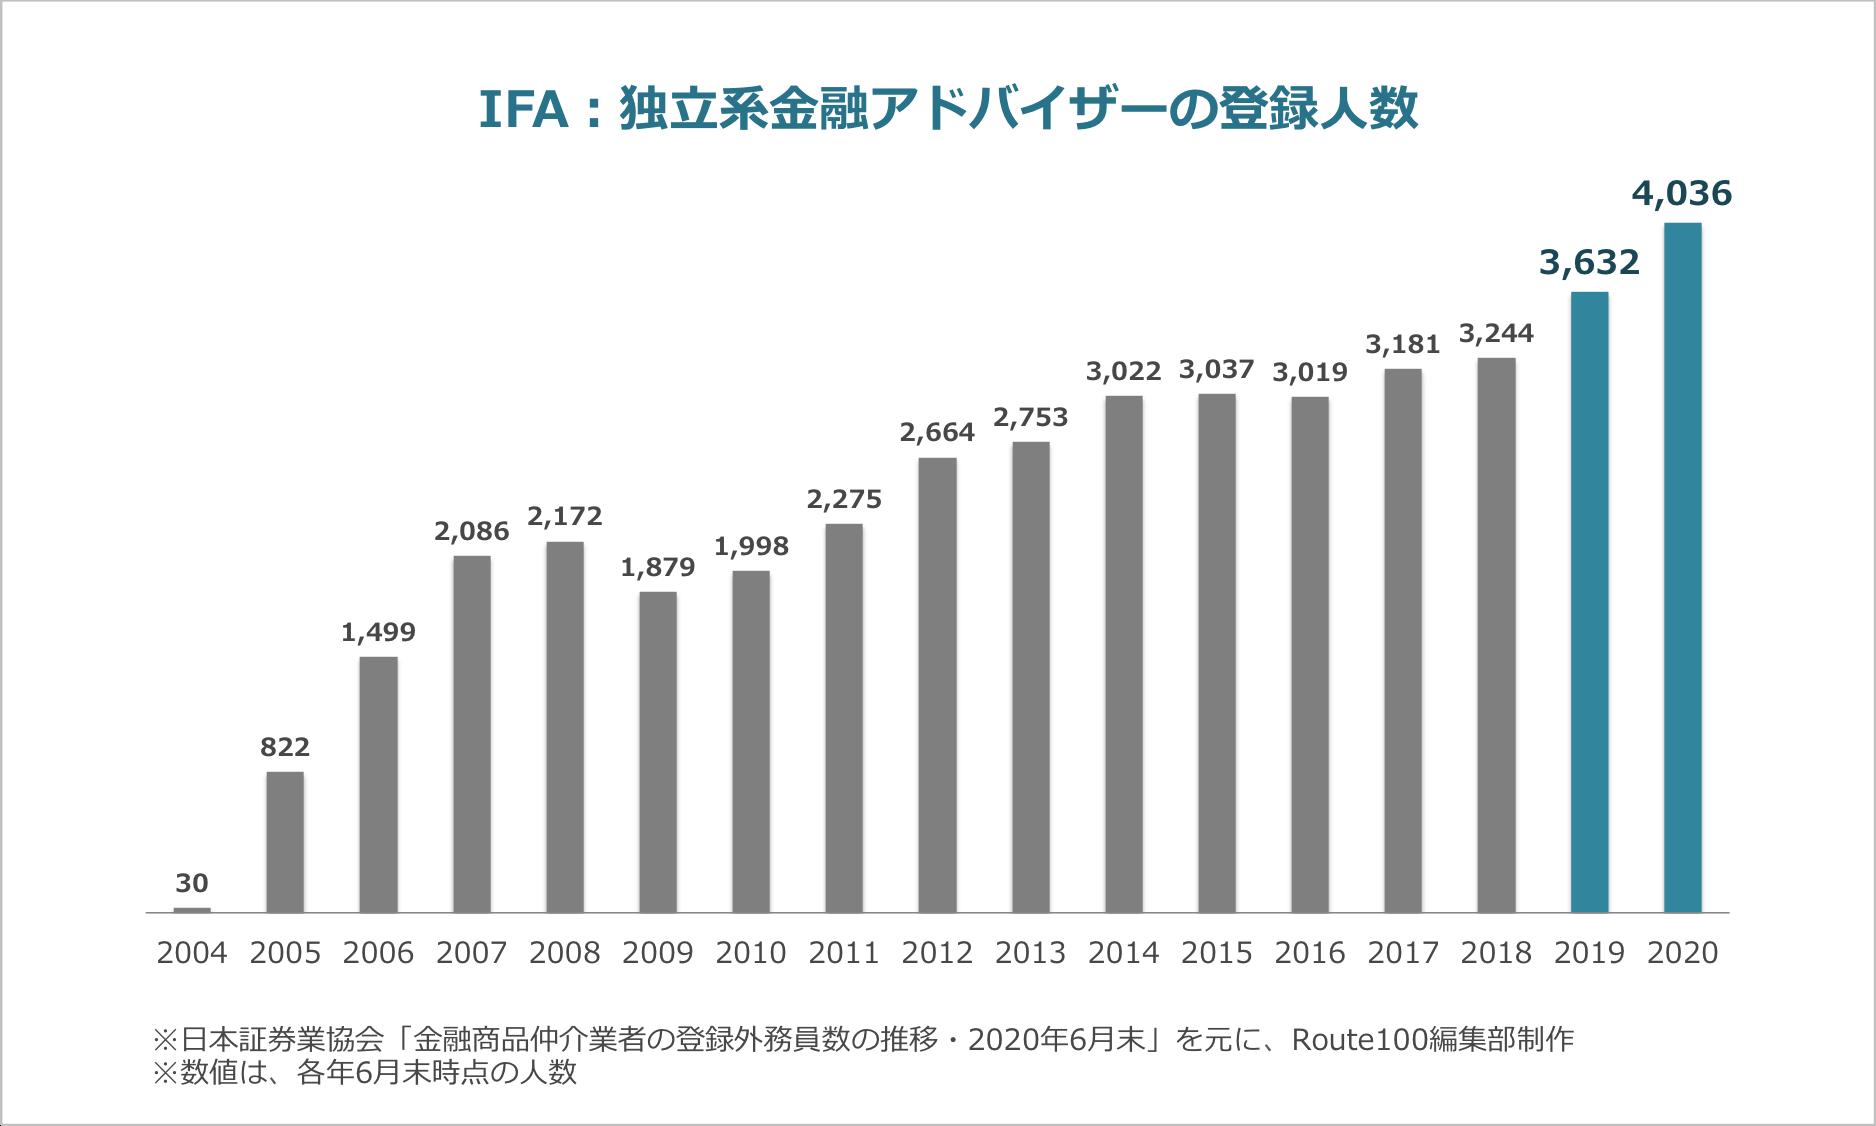 IFA登録人数の推移